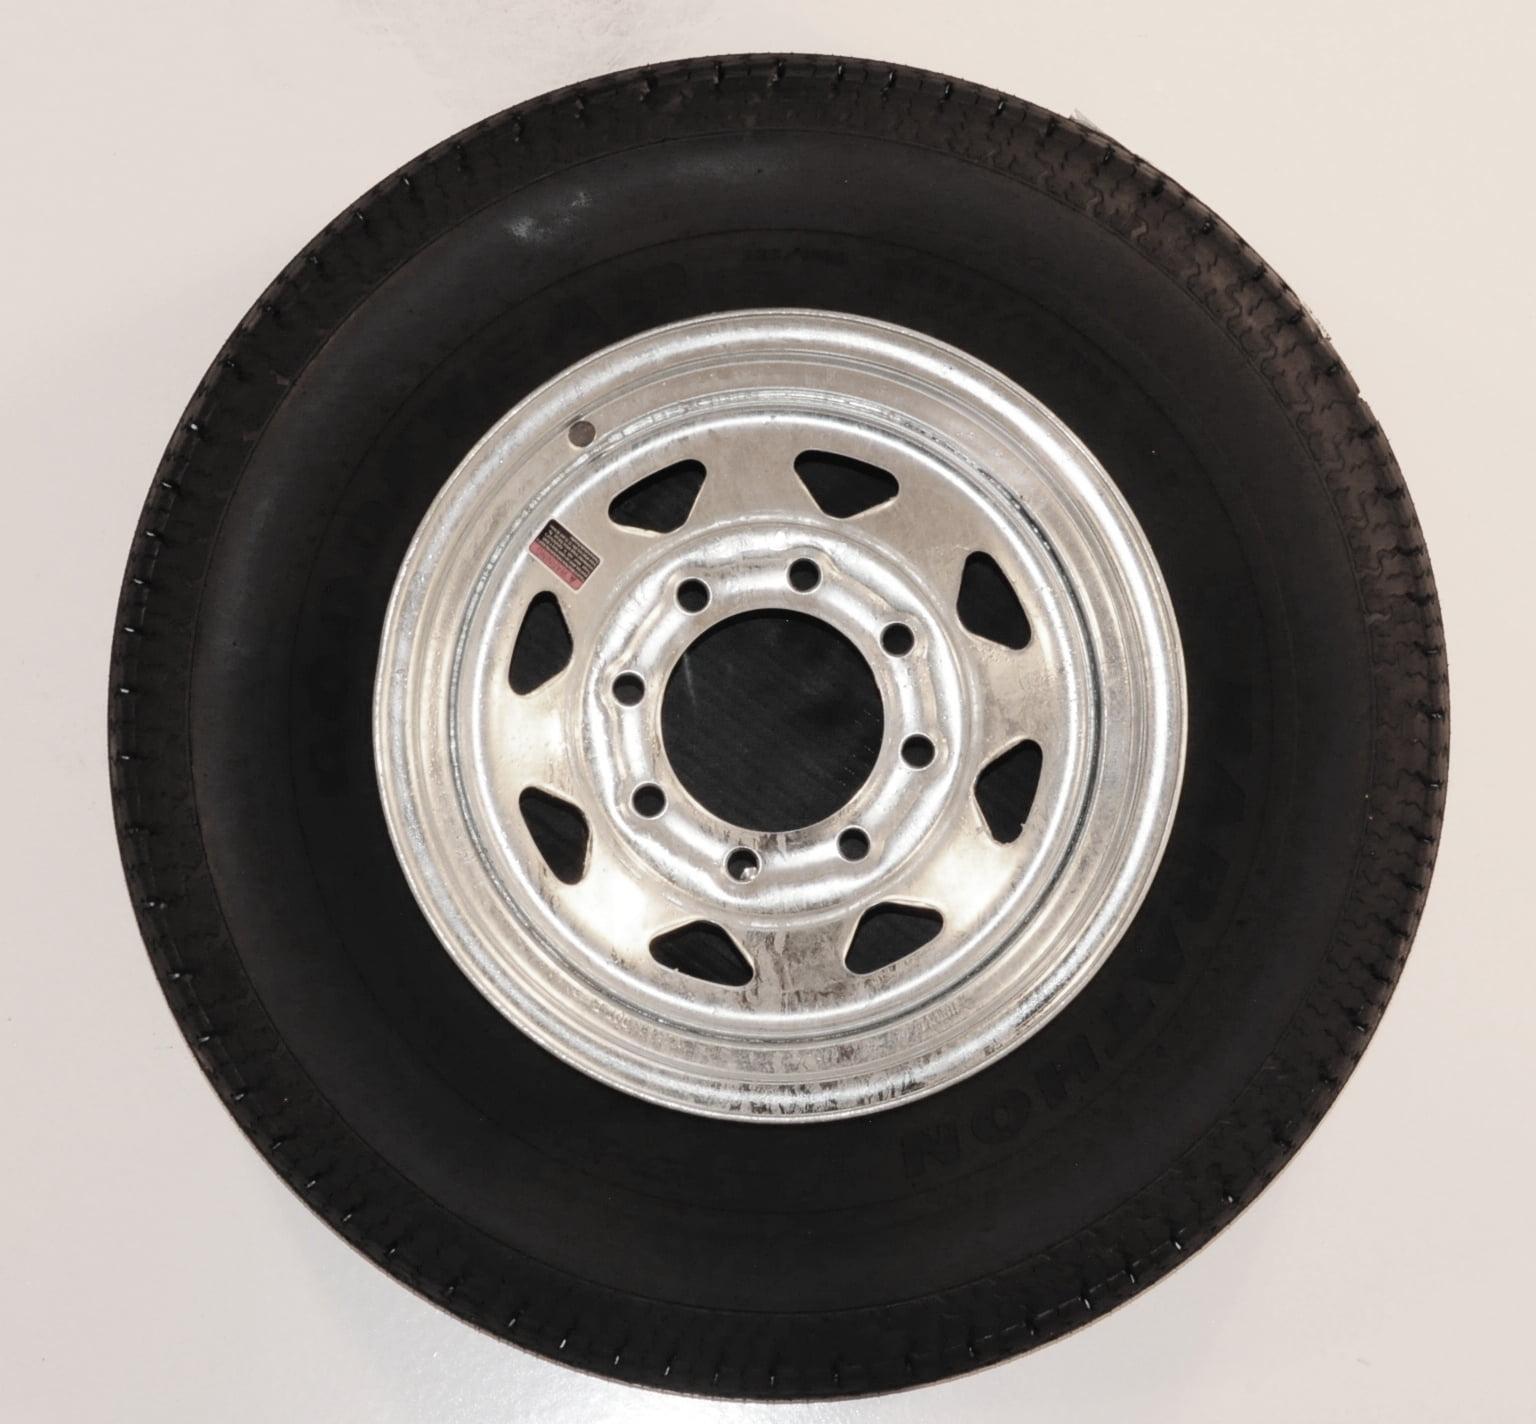 Goodyear Marathon Trailer Tire w/Galvanized Rim LT235/85R...